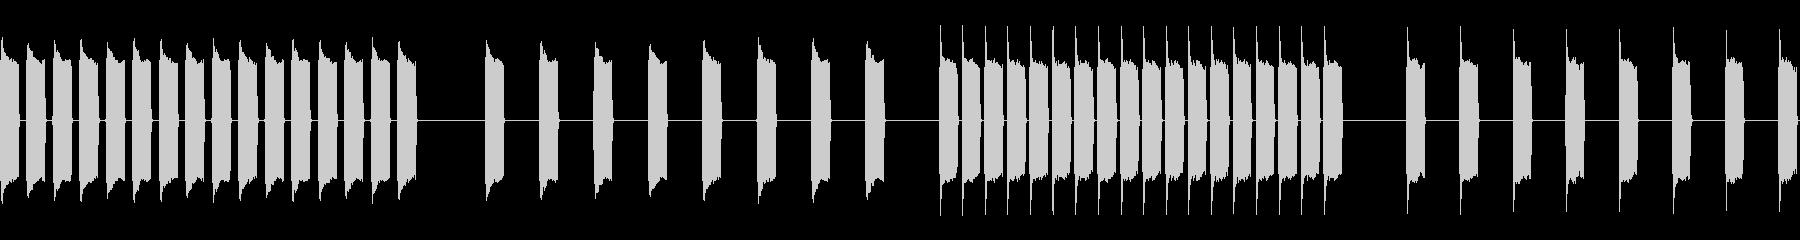 低信号、4バージョン、低、静的; ...の未再生の波形